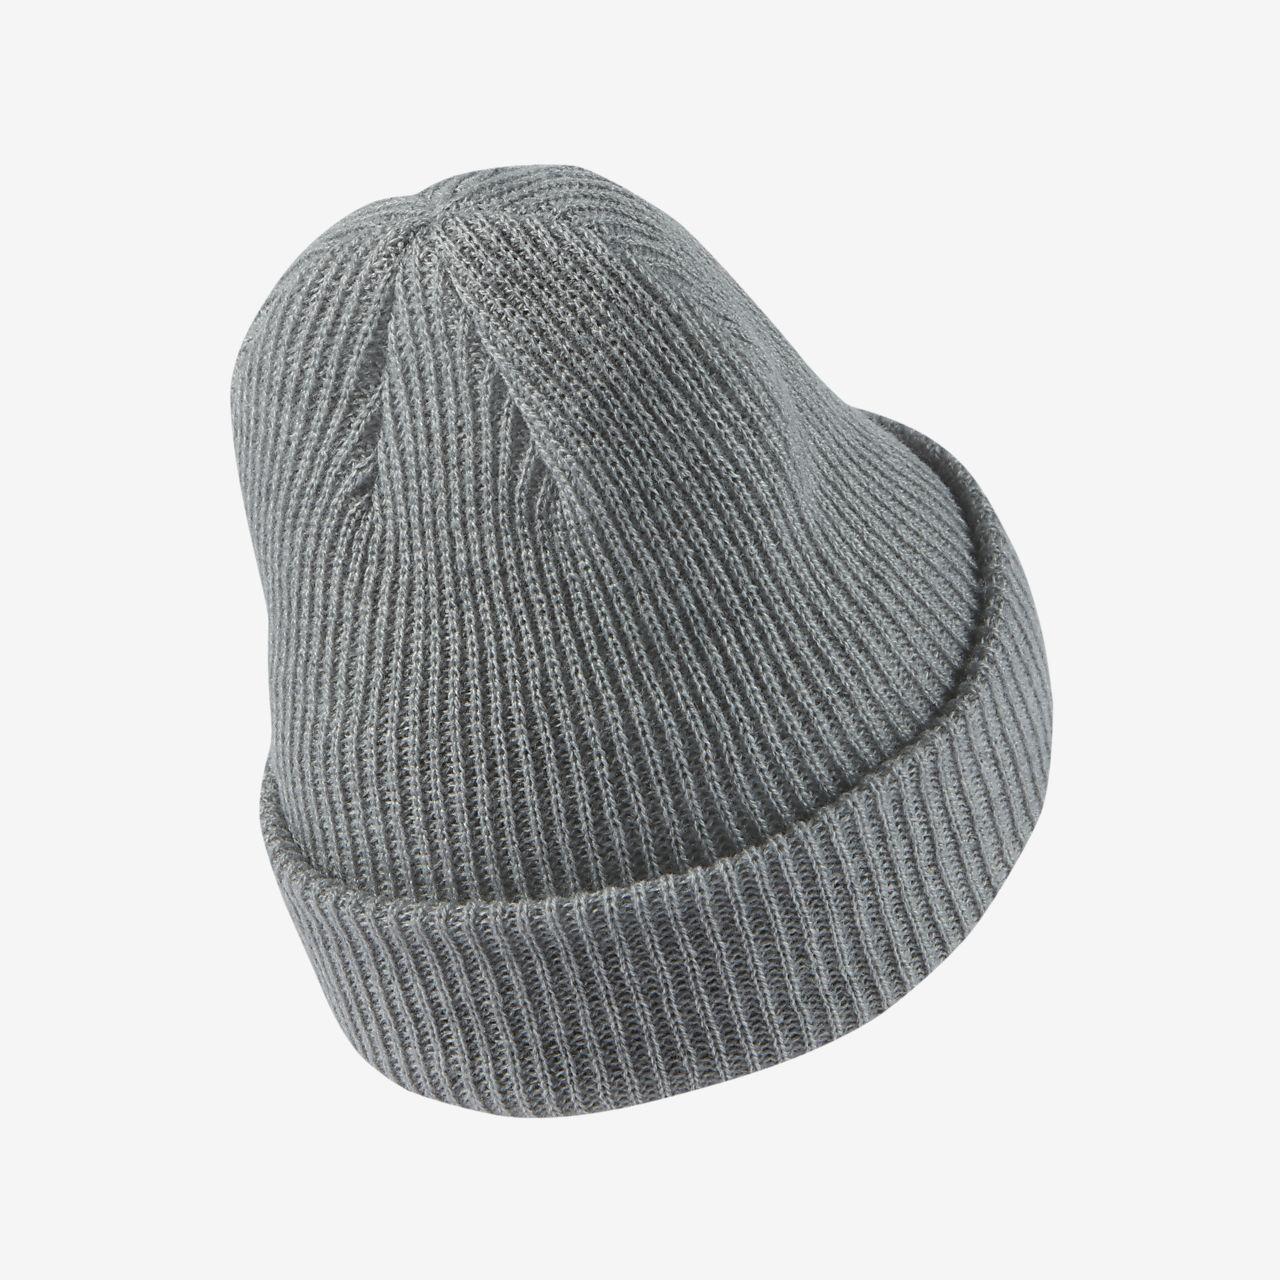 be9ed68e494 Nike SB Fisherman Knit Hat. Nike.com AU